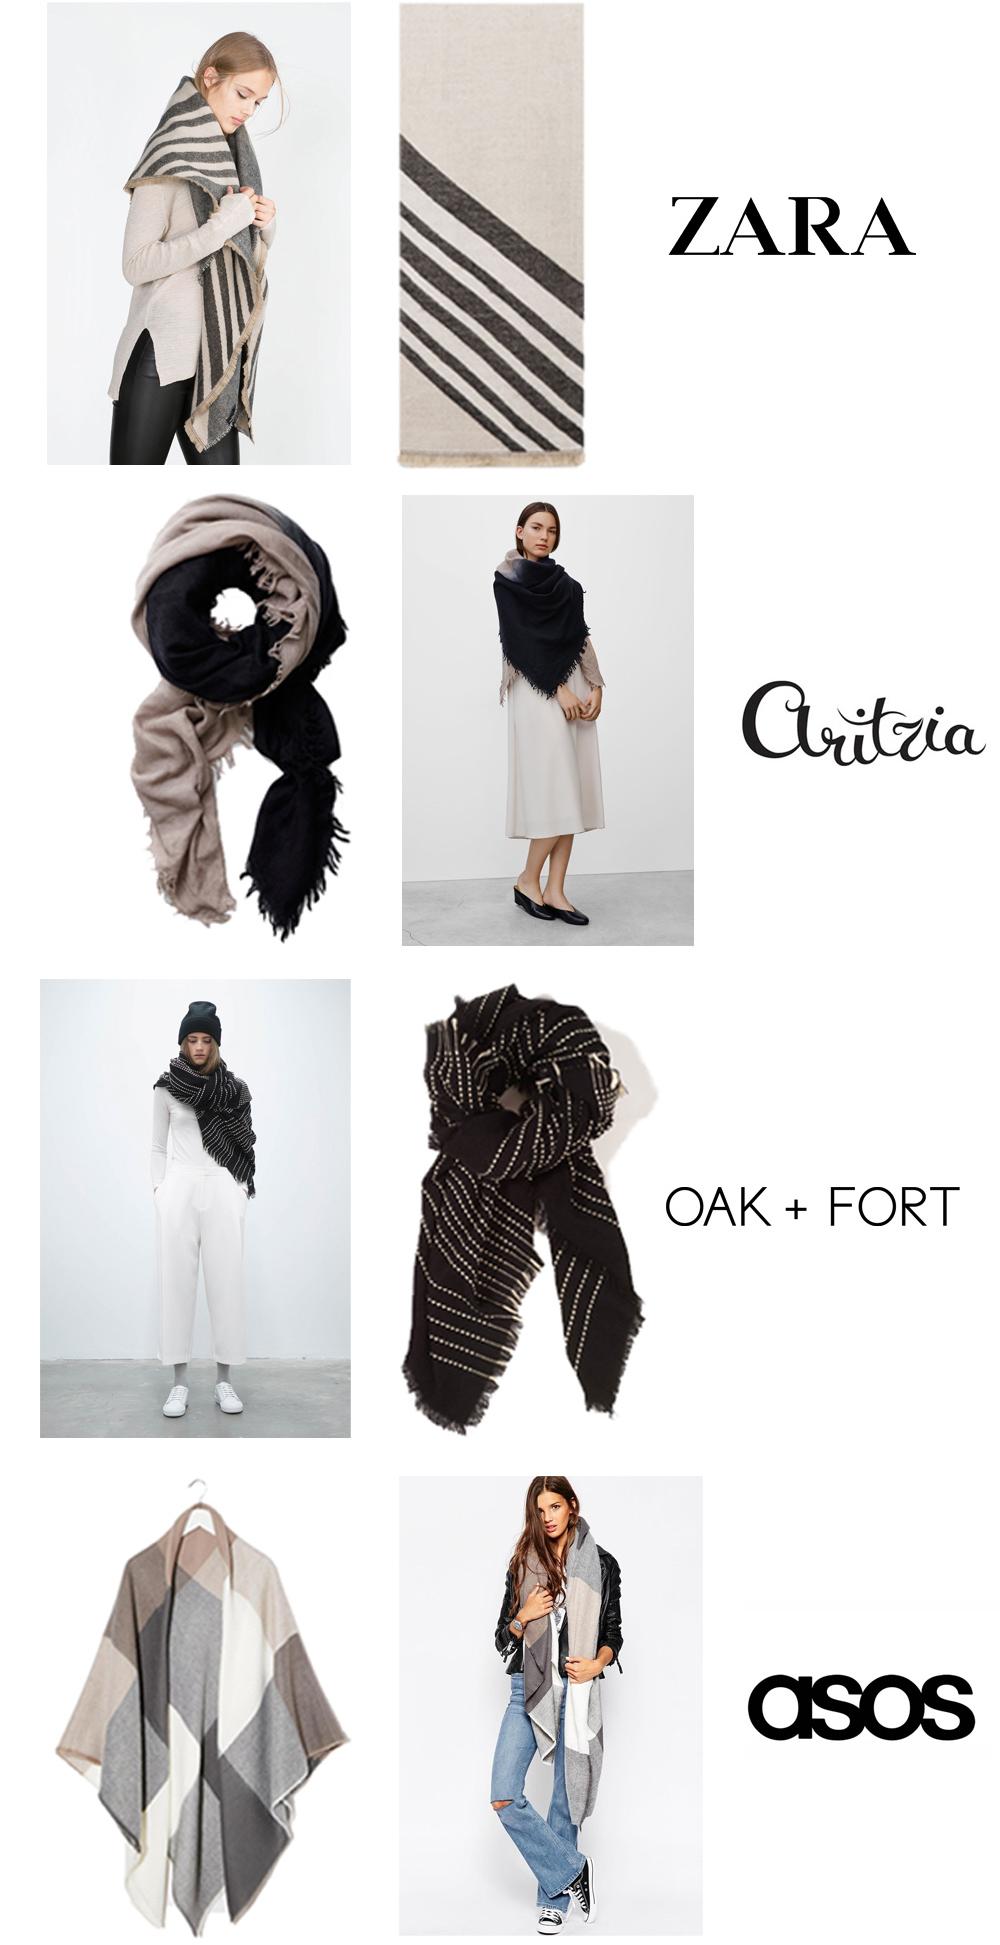 """-Zarasoft geometric scarf {$40 / 51 x 55"""" /100% acrylic} -Aritziagloomy days blanket scarf {$85 / 51 x 63"""" /100% wool} -Oak & Fortblanket scarf {$48 / 62 x 62"""" /100% acrylic} -asosoversized square scarf {$40 / 59 x 59"""" /100% acrylic}"""